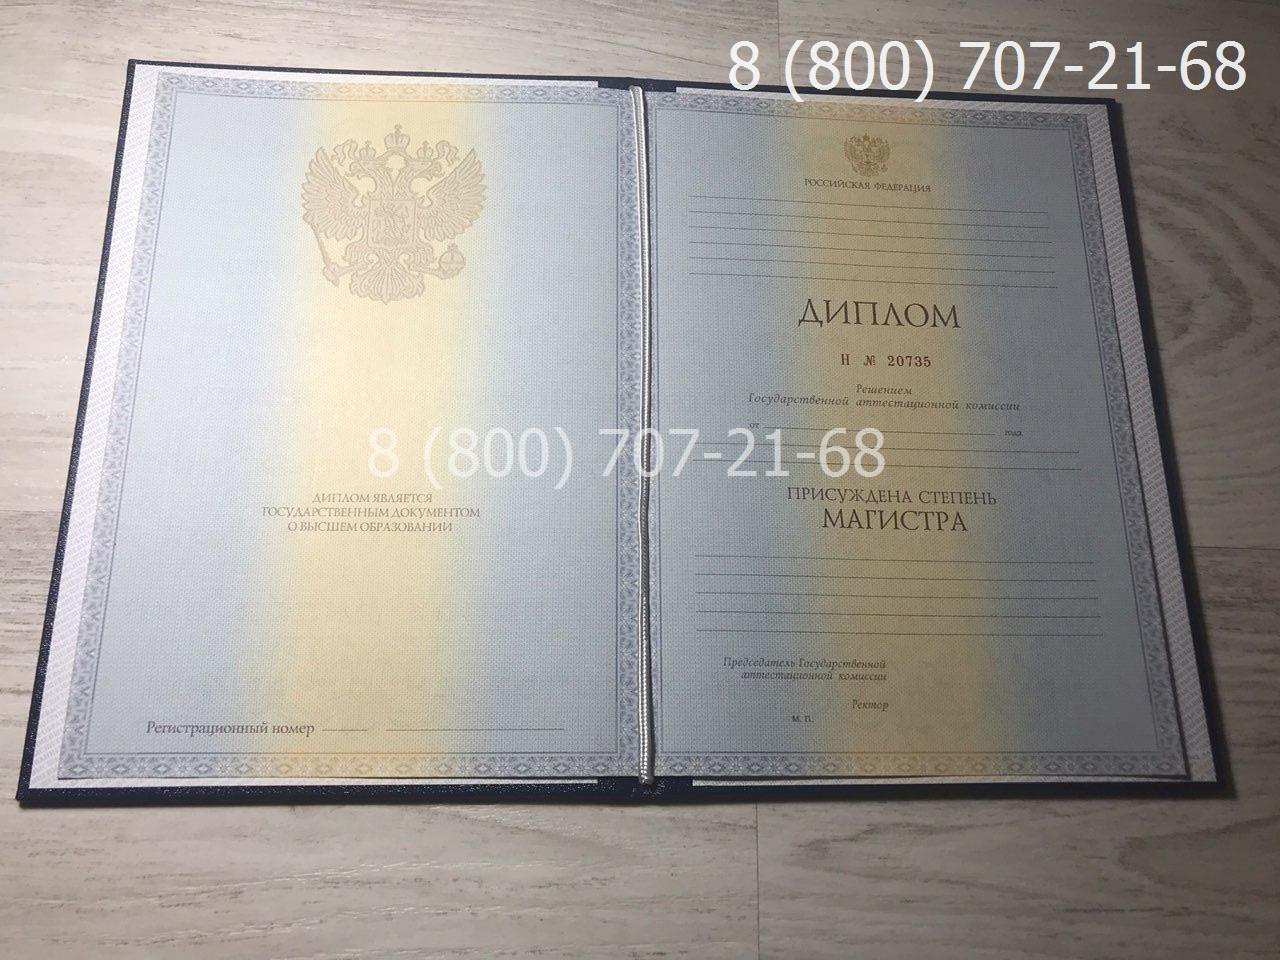 Диплом магистра 2011-2013 года, старого образца